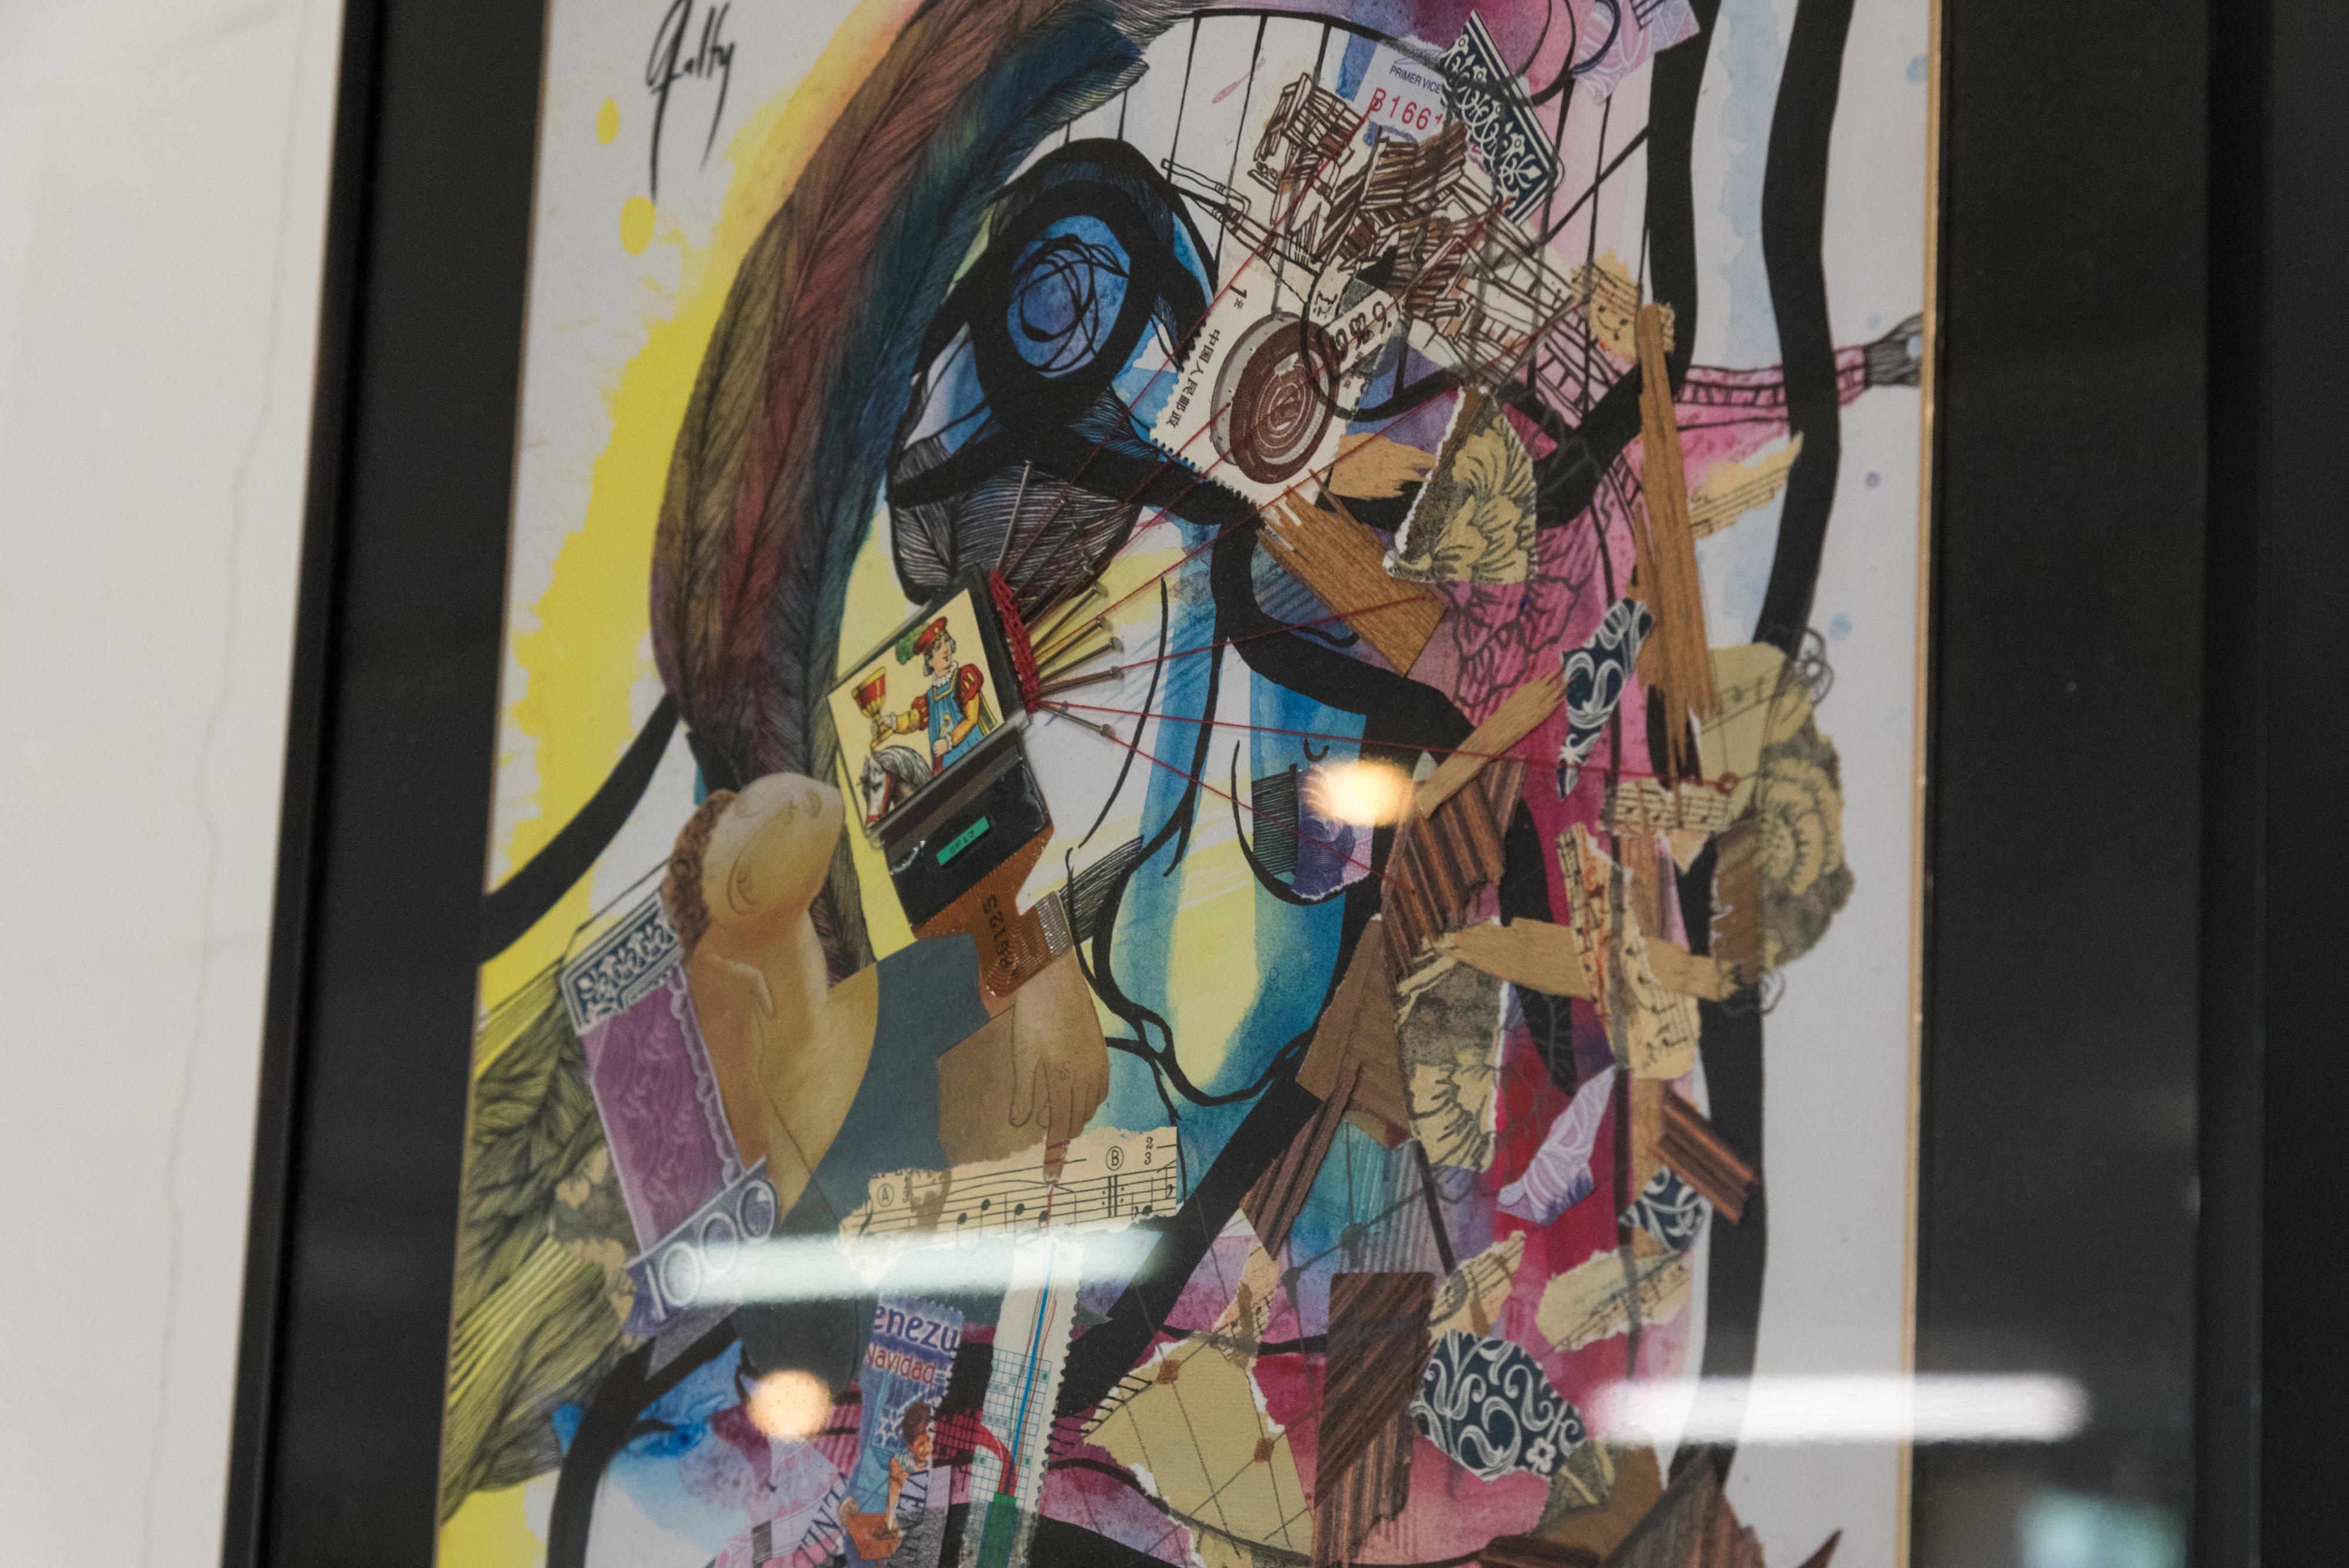 La Facultad de Geografía e Historia acoge la exposición 'Mujeres. Discursos Plásticos' que reflexiona sobre el sexismo y la violencia machista